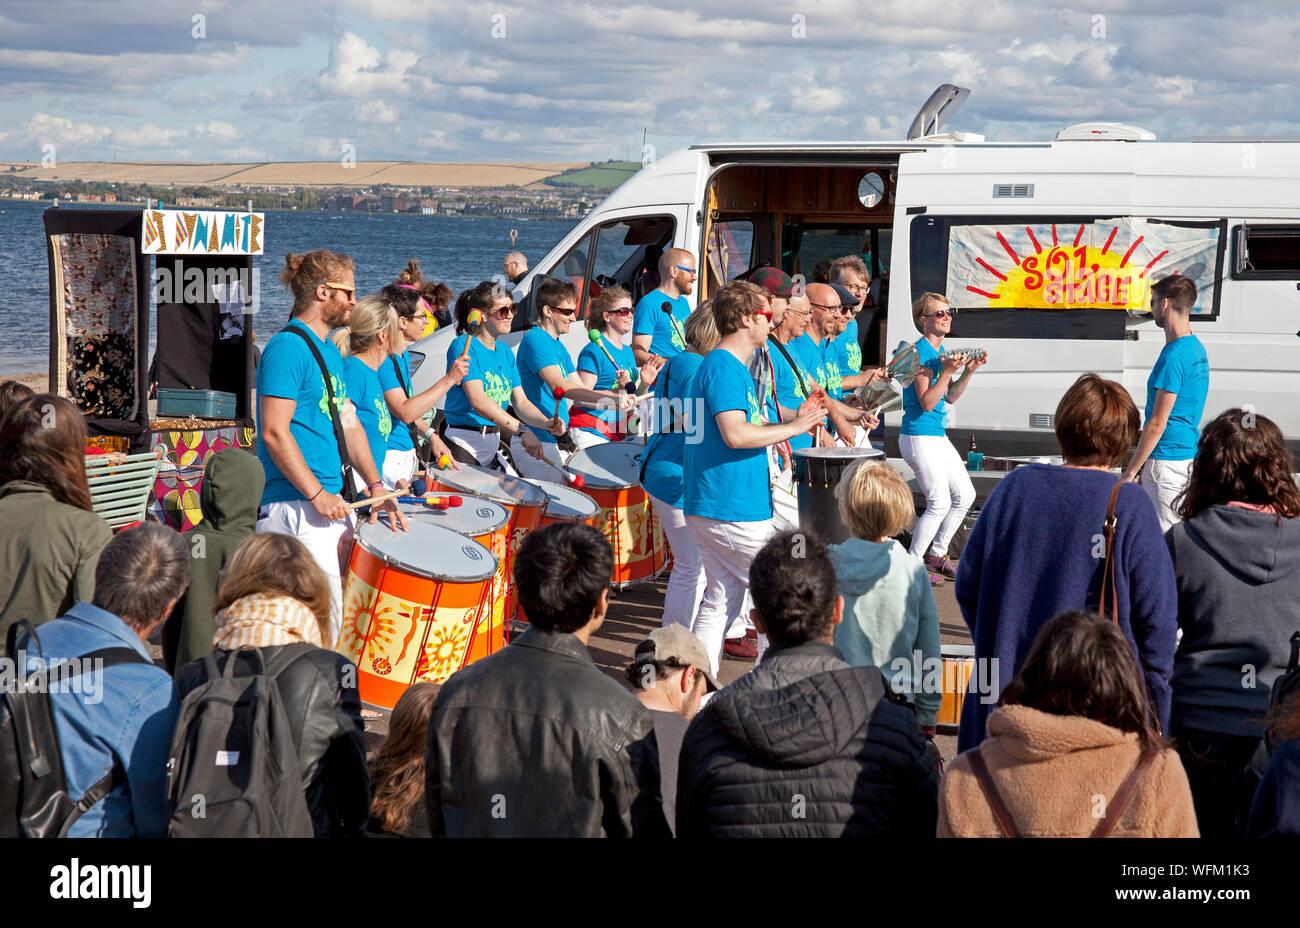 Portobello, Édimbourg, Écosse, Royaume-Uni. 31 août 2019. La grande plage d'Édimbourg Busk retournées pour une dixième fois cette année, avec la plage de Portobello, promenade accueillant des centaines de musiciens. L'énorme événement arts de la rue a été initialement conçu comme un moyen de donner un espace à Édimbourg les amuseurs publics qui étaient peut-être pressé par le Festival. École de Samba. Banque D'Images